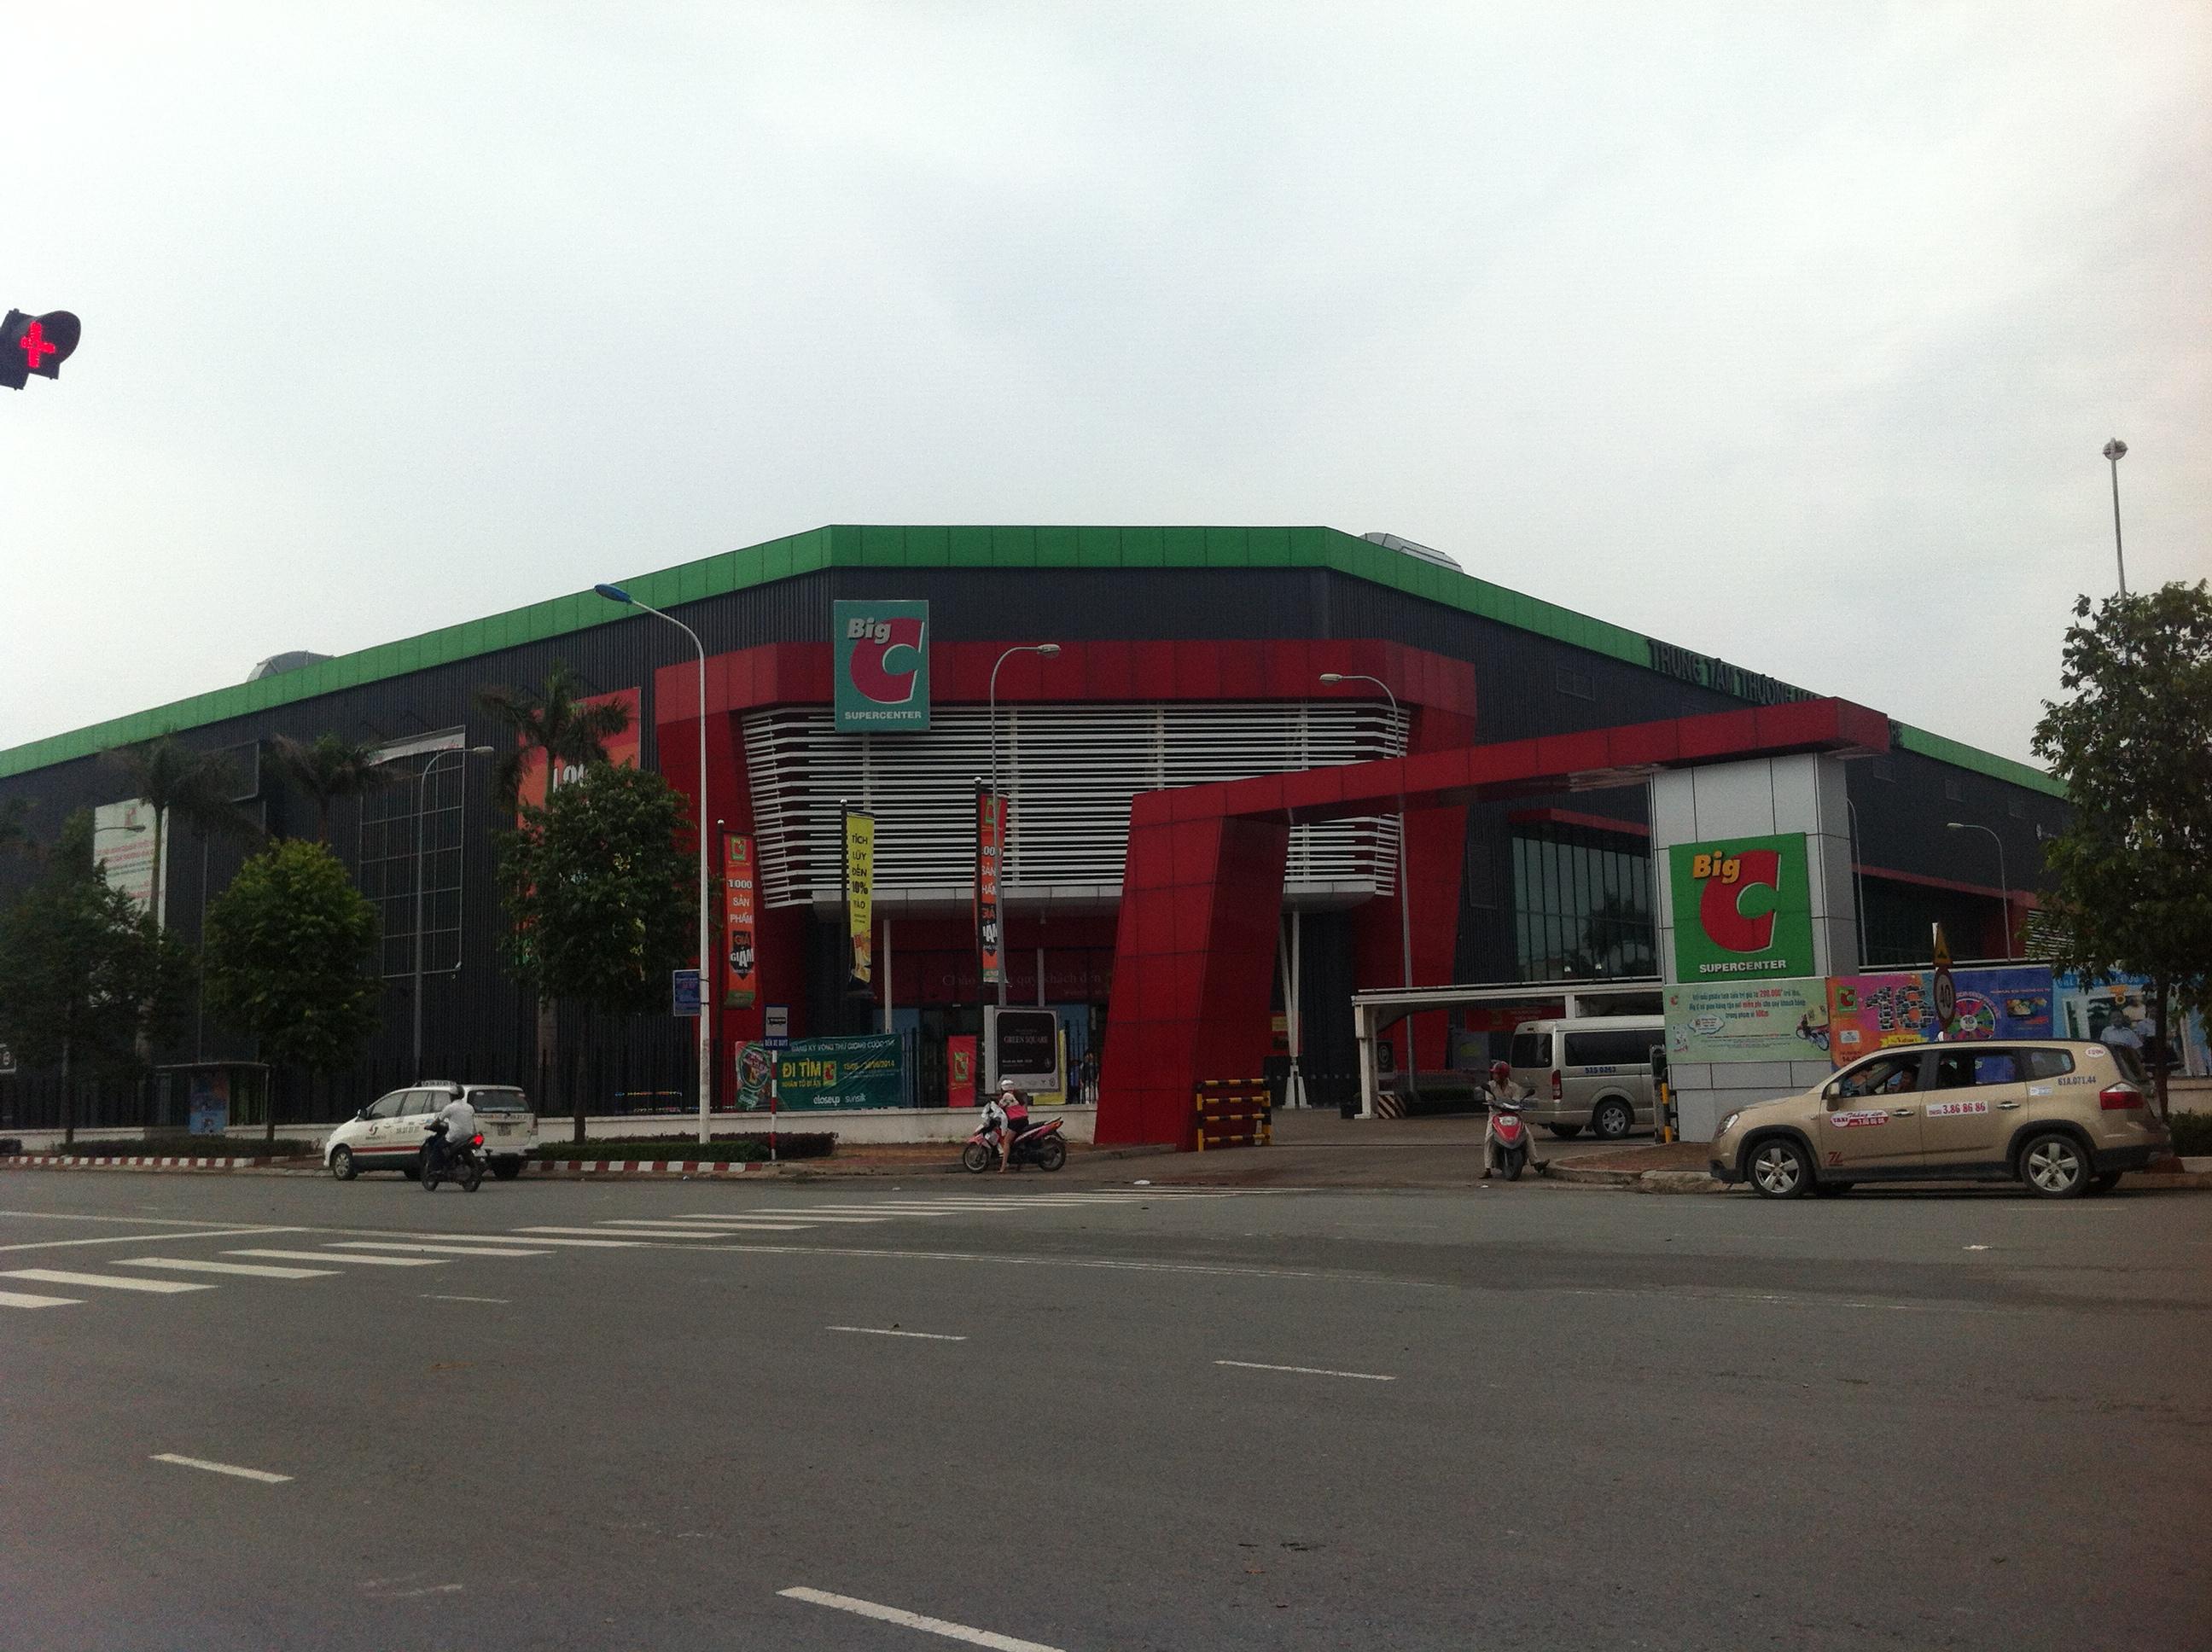 lô đất nền dĩ an chính chủ DT : 111,2m2, đất nền gần trung tâm siêu thị bigc